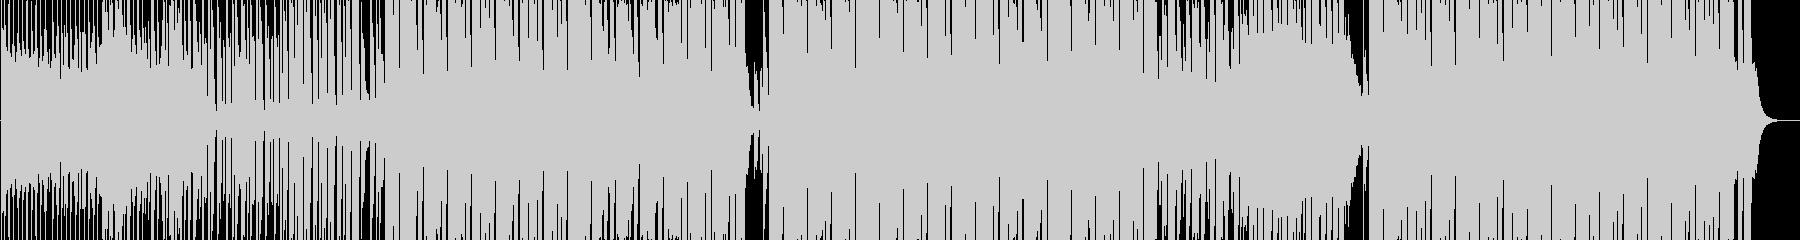 都会的でカッコいいEDMダンス曲の未再生の波形